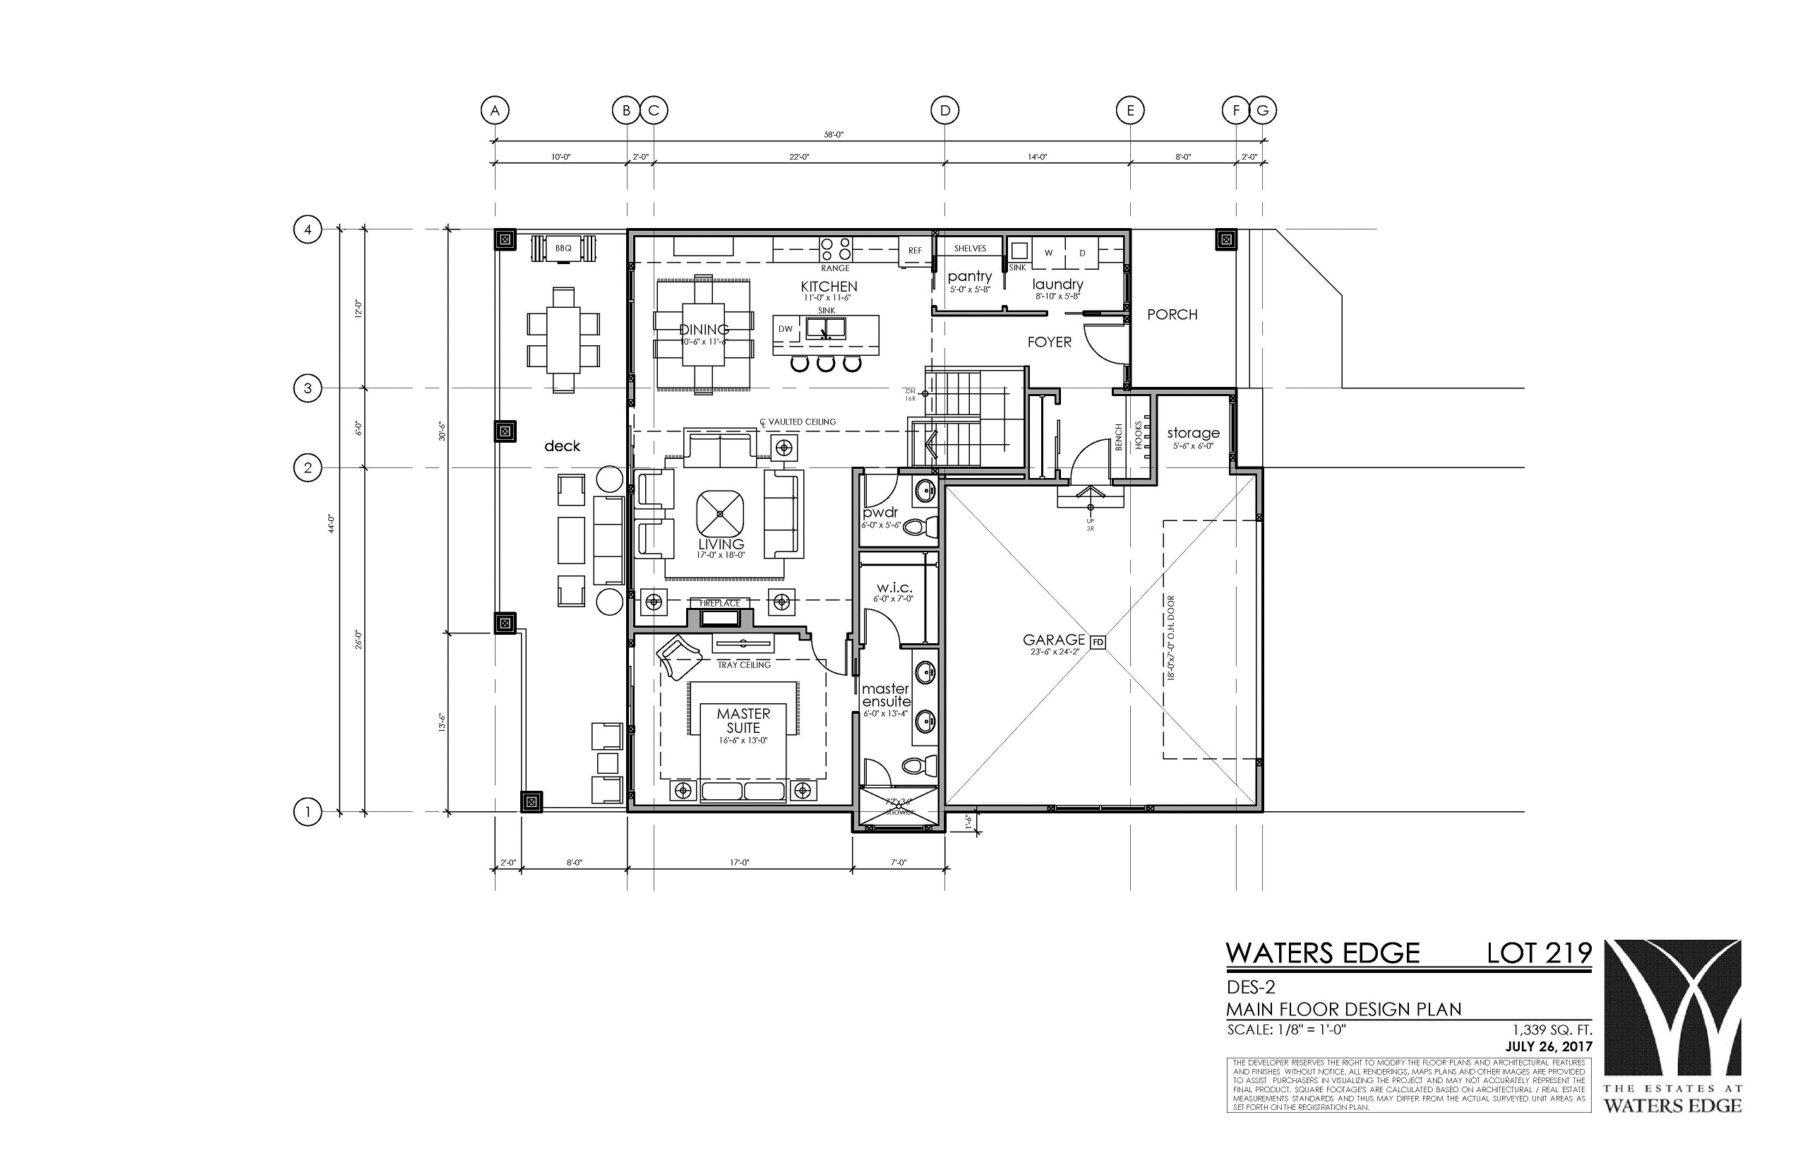 Main Floor | 1339 sq ft